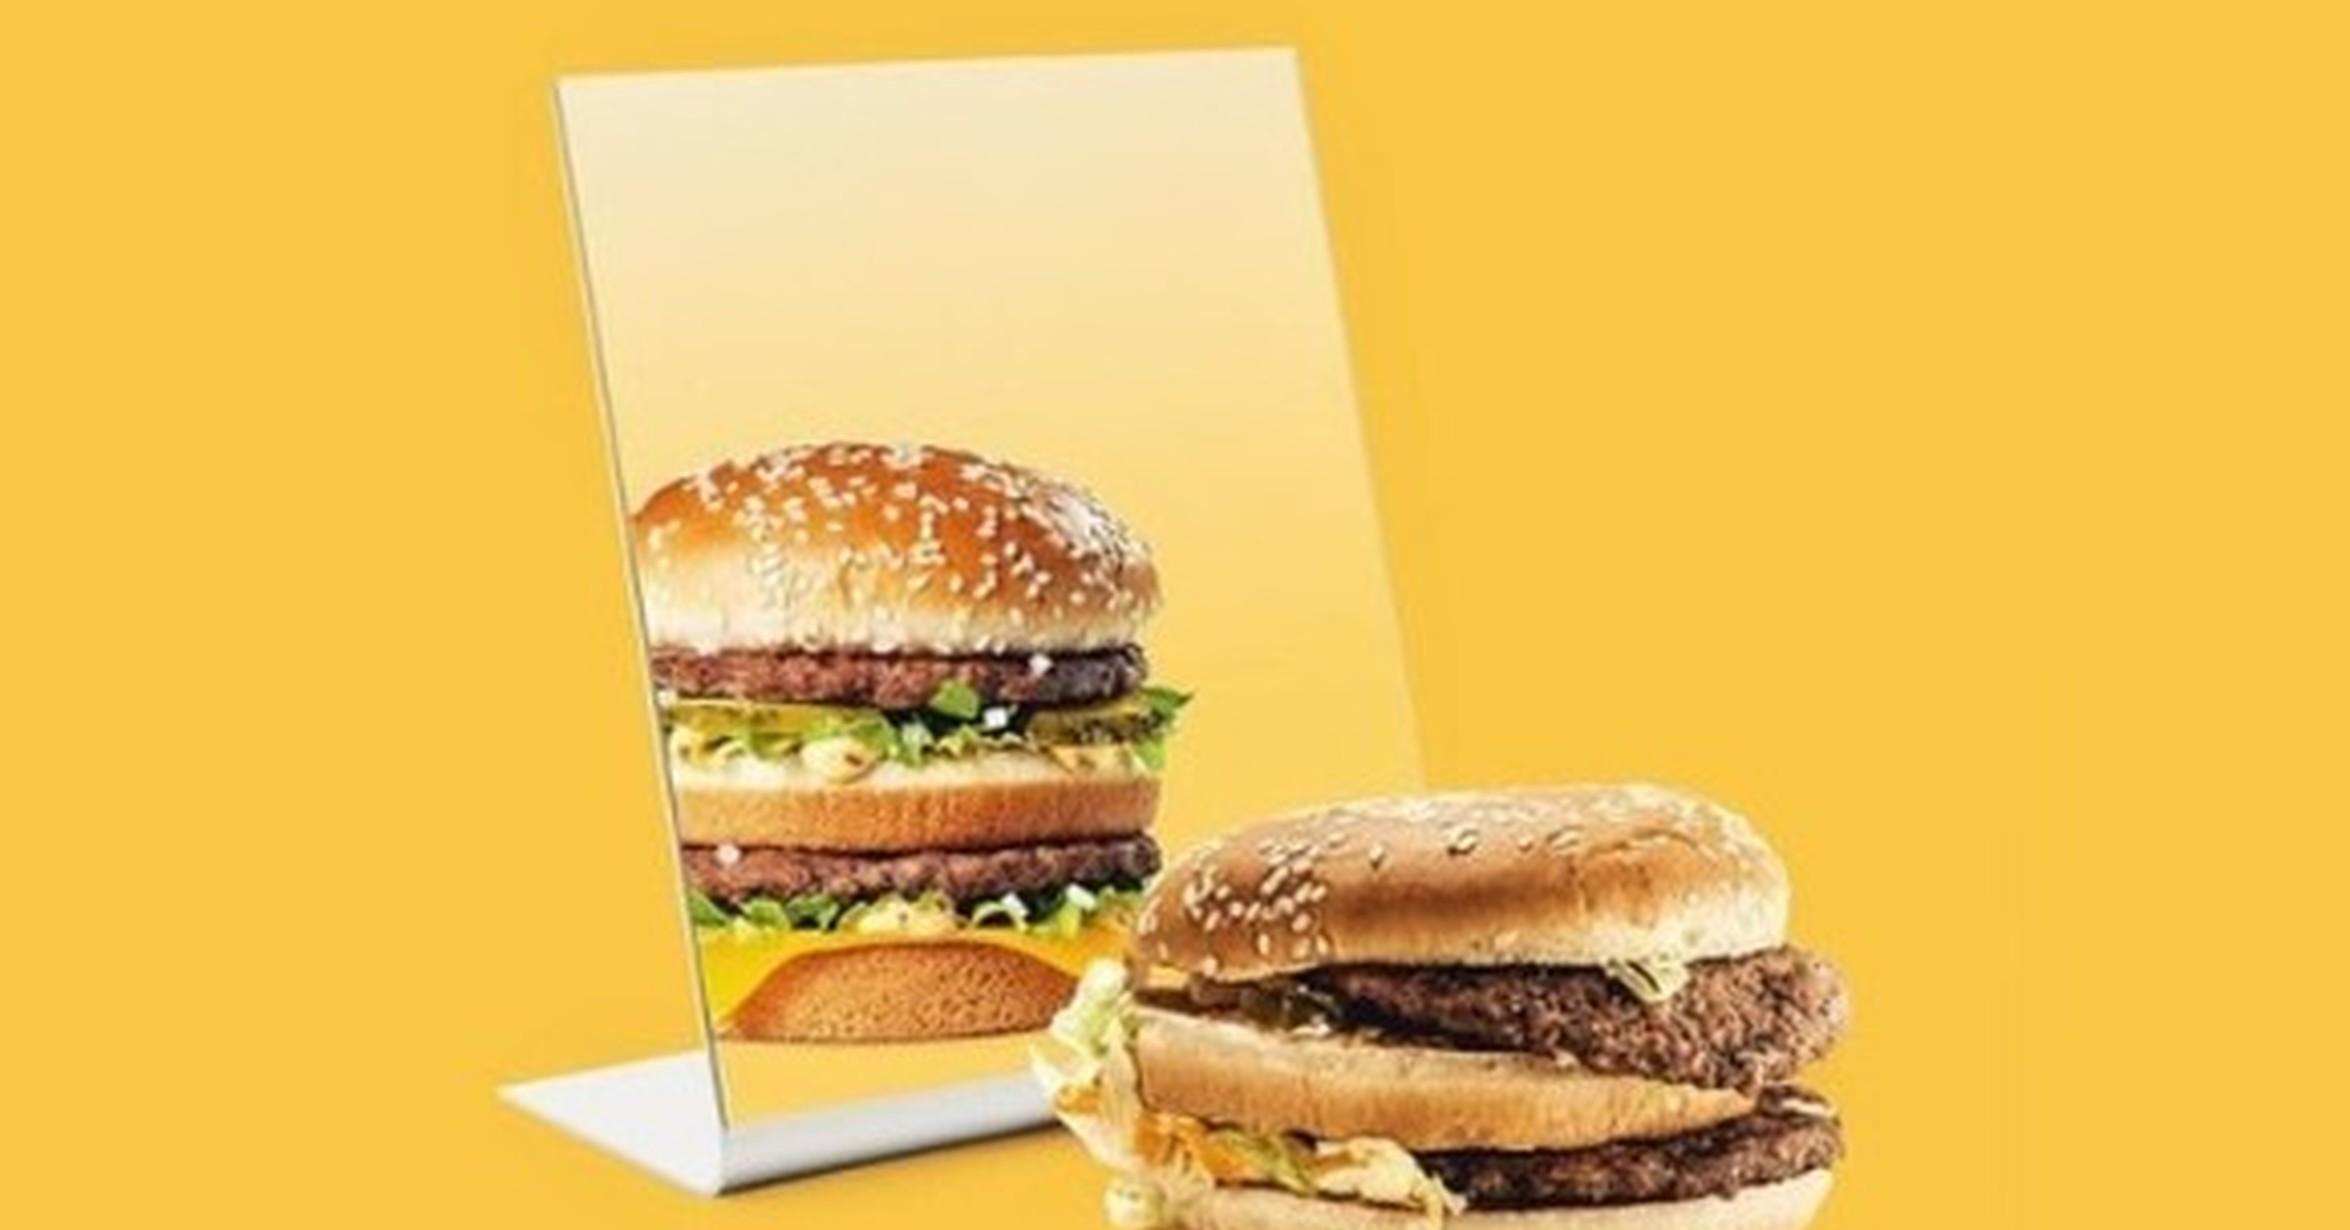 ¡Cuánta razón! / Publicidad vs realidad. By Tony Futura